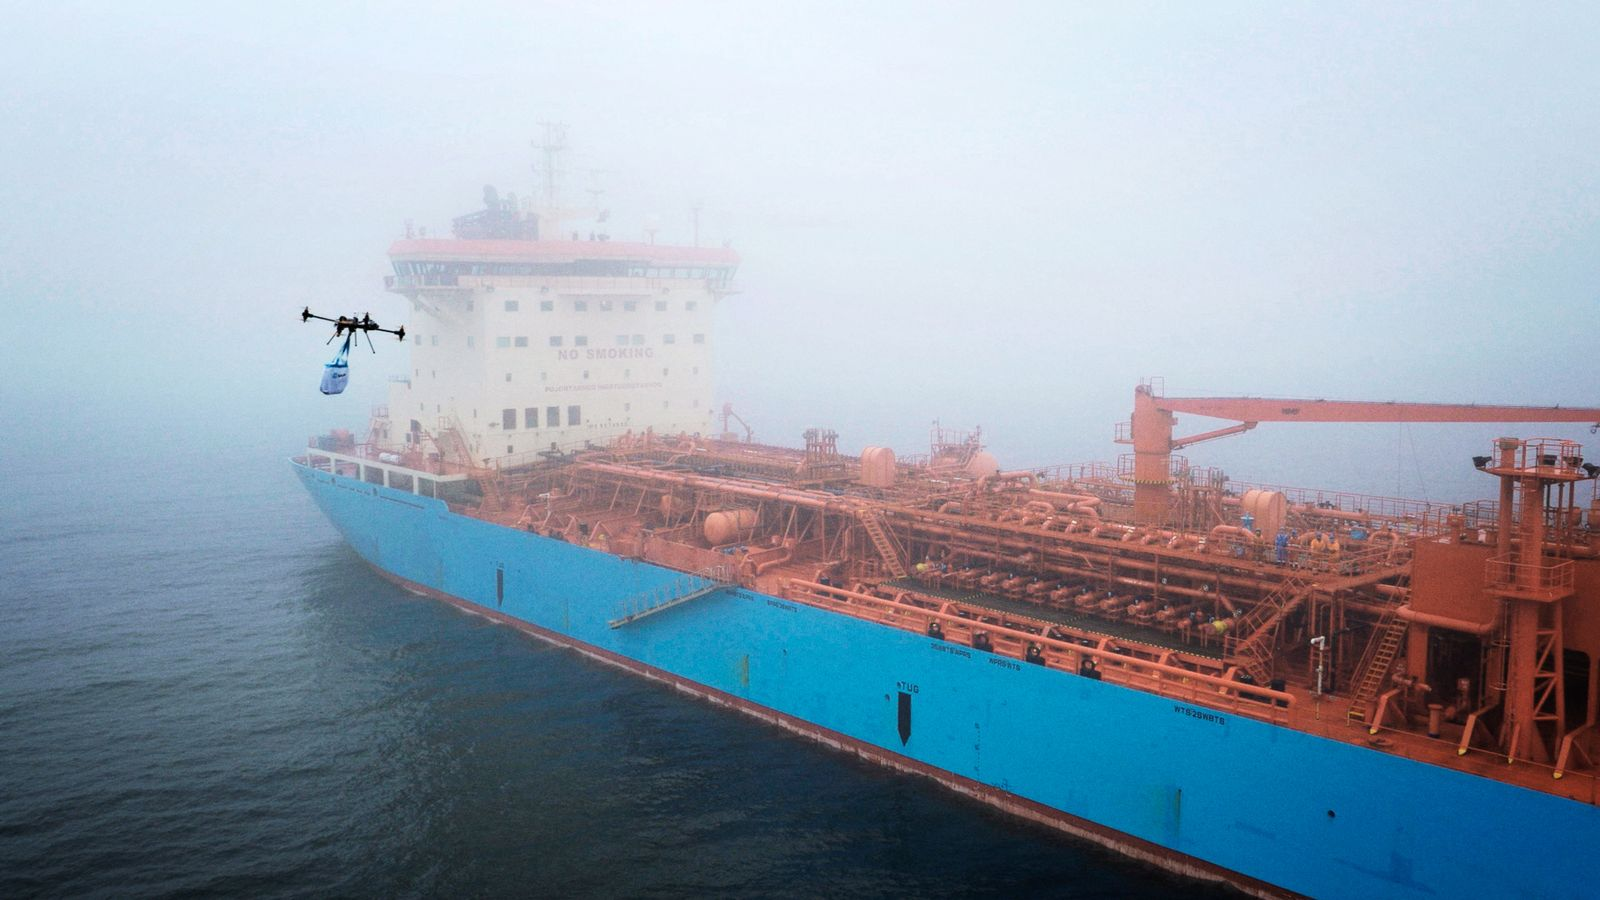 EINMALIGE VERWENDUNG drone / Maersk Tankersâ ship